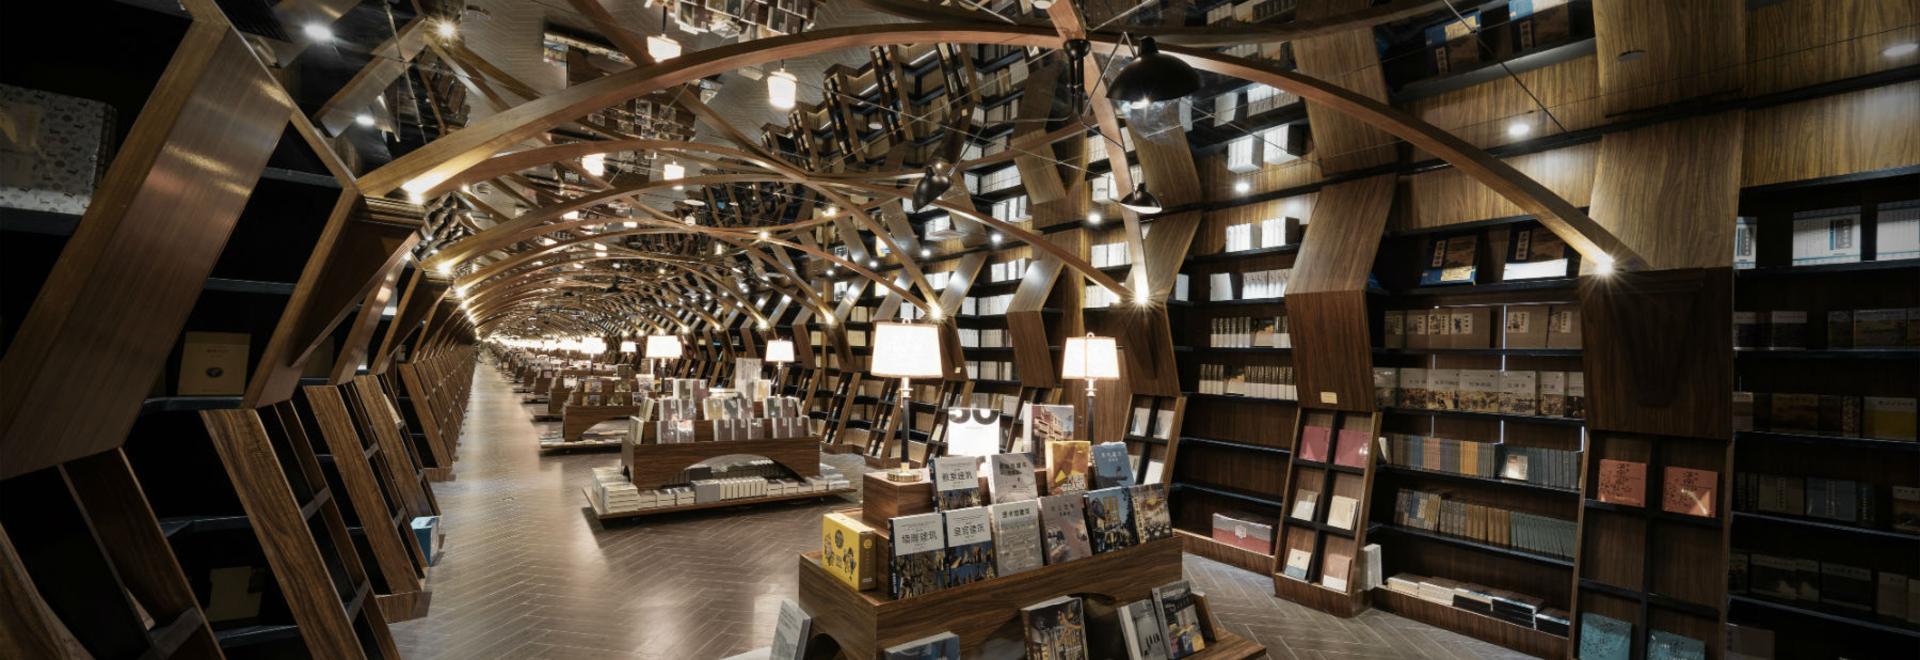 x+living combina estructuras de madera y espejos en una fascinante librería china